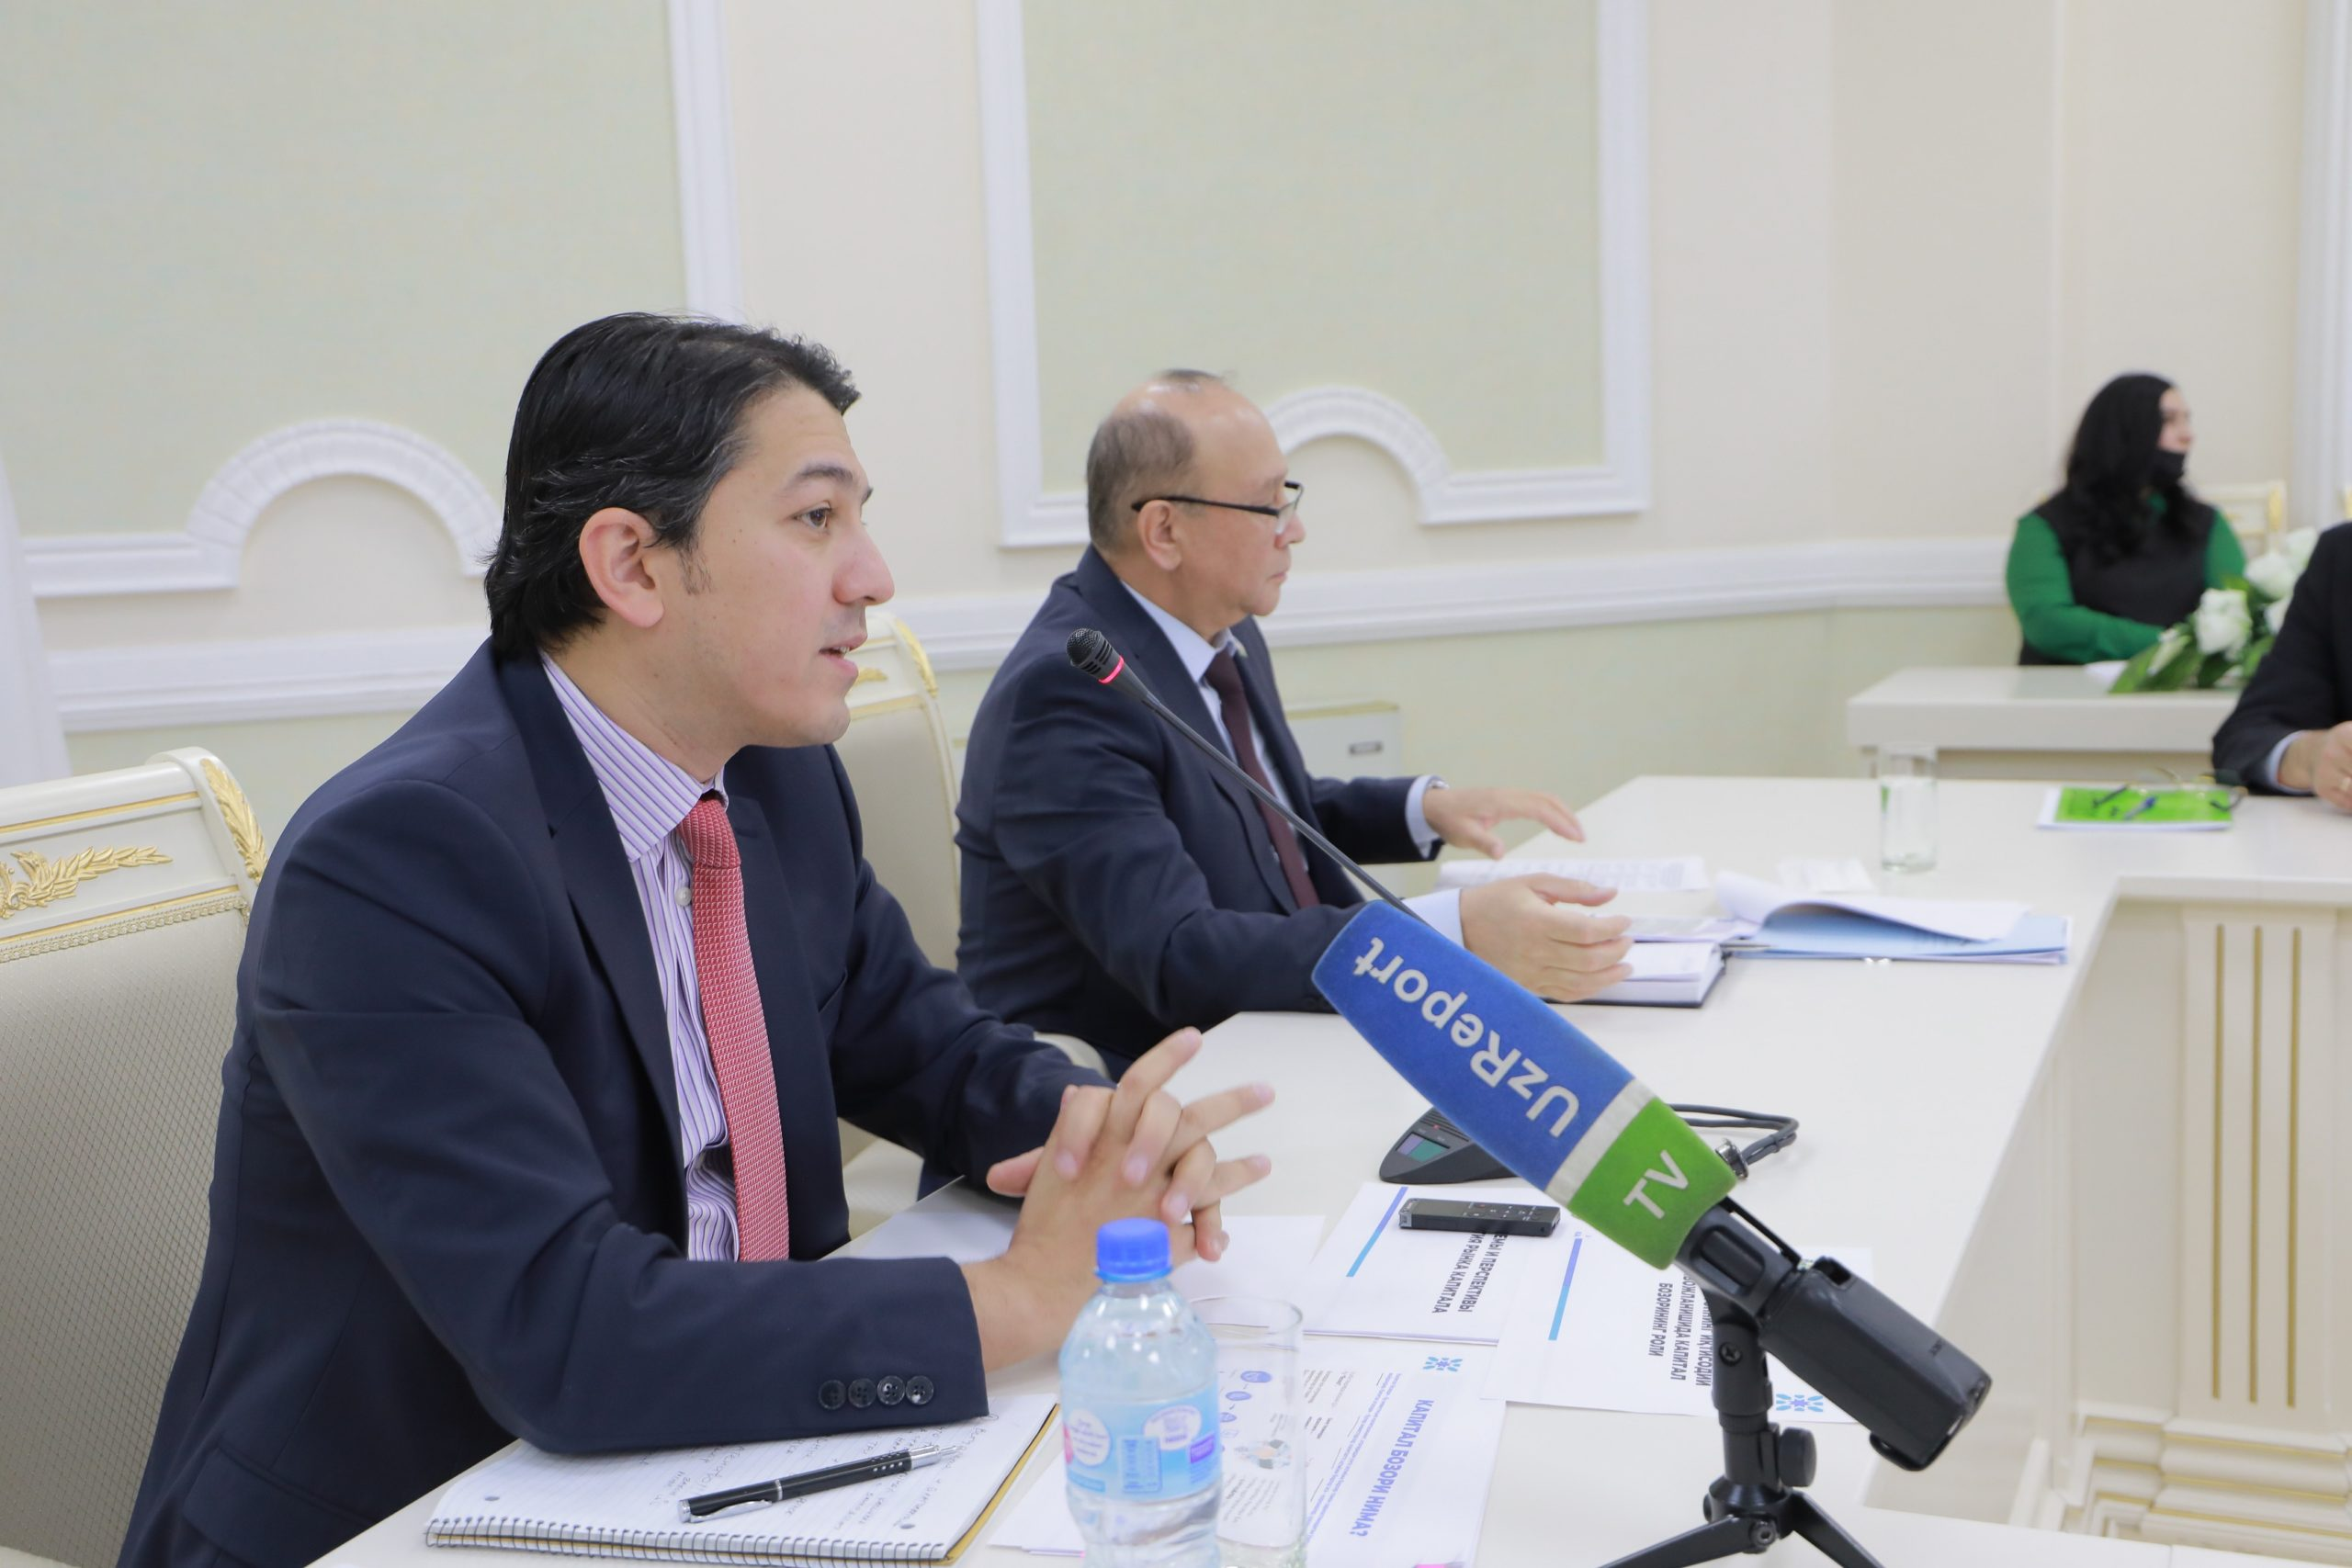 Атабек Назиров сравнил узбекский рынок капитала с зарубежными